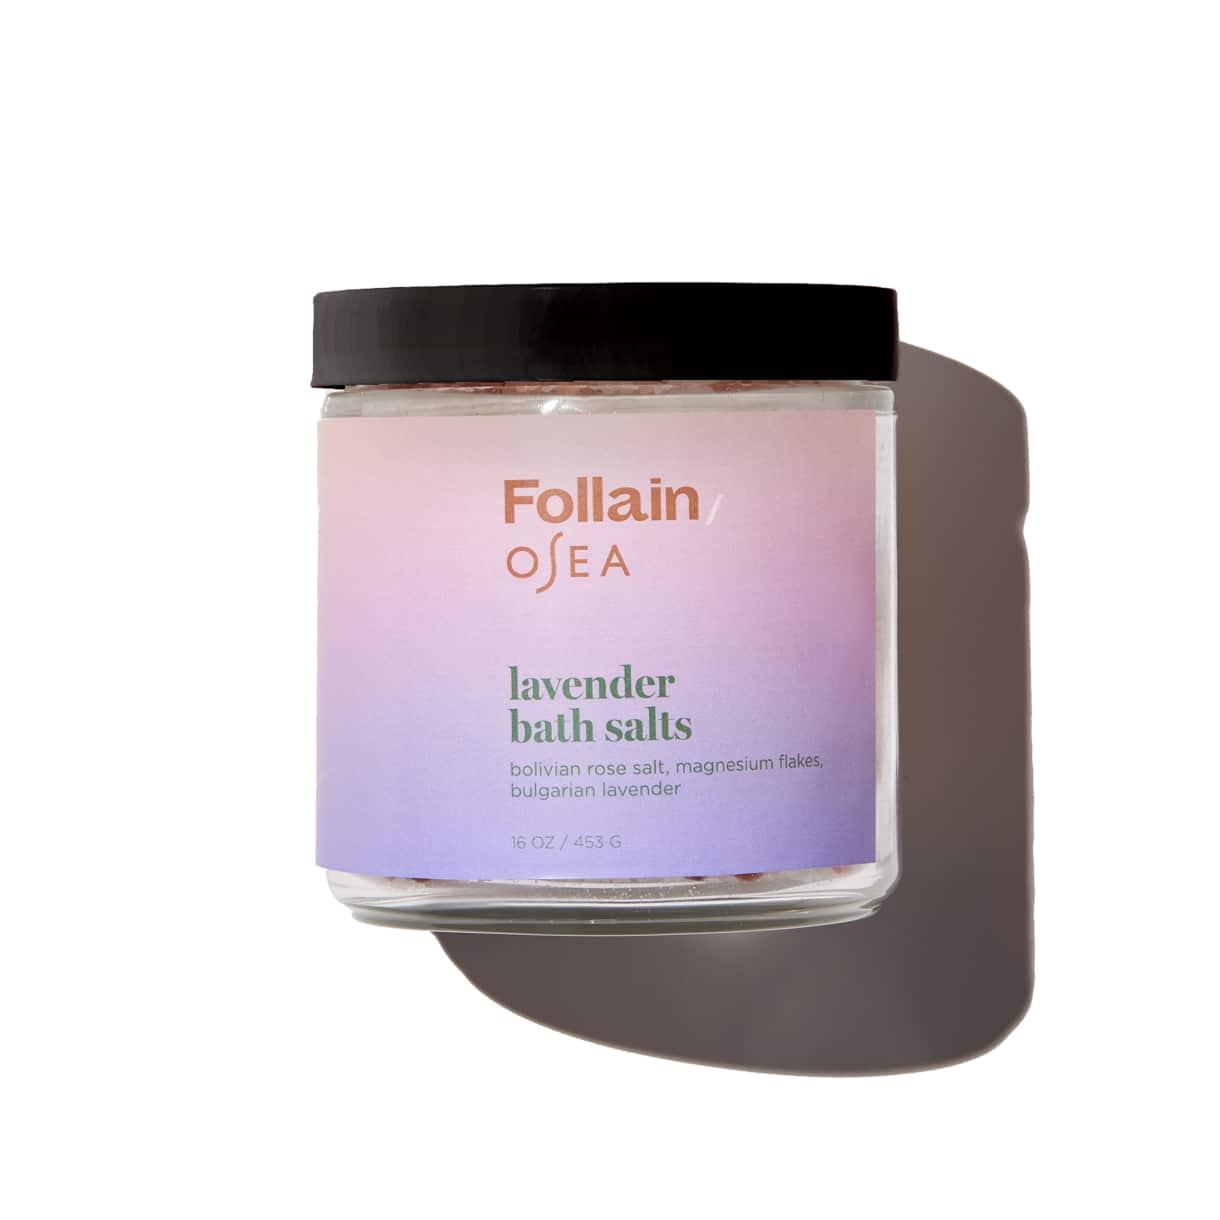 Follain_Lavender_Bath_Salts_1